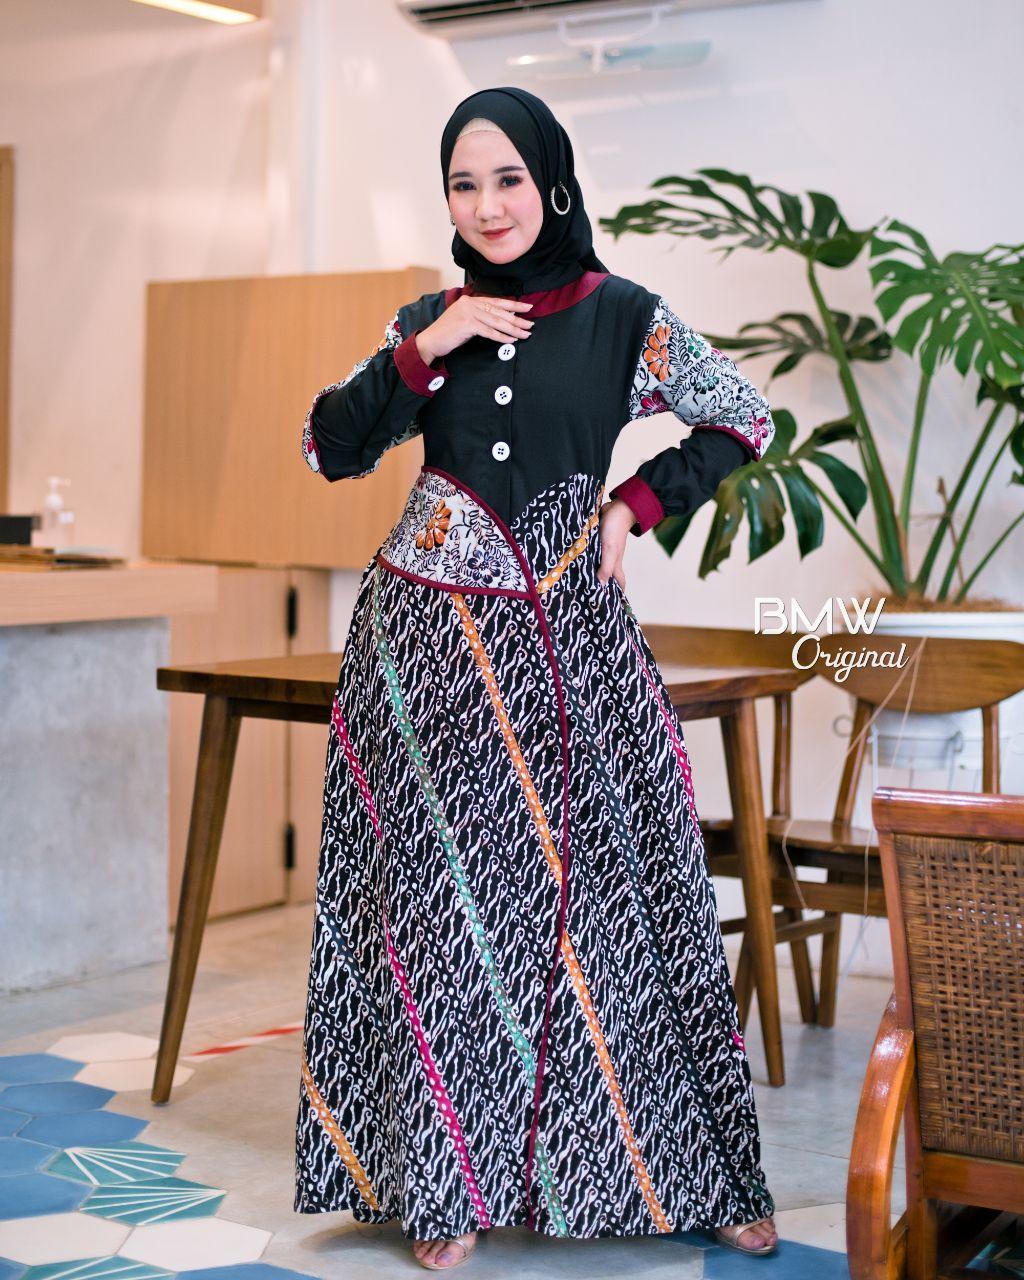 gamis etnik gamis batik premium kombinasi polos Ekslusif Long Dress Gamis  Panjang Pakaian wanita Terbaru gamis muslimah Gamis Cap Gamis Jumbo batik